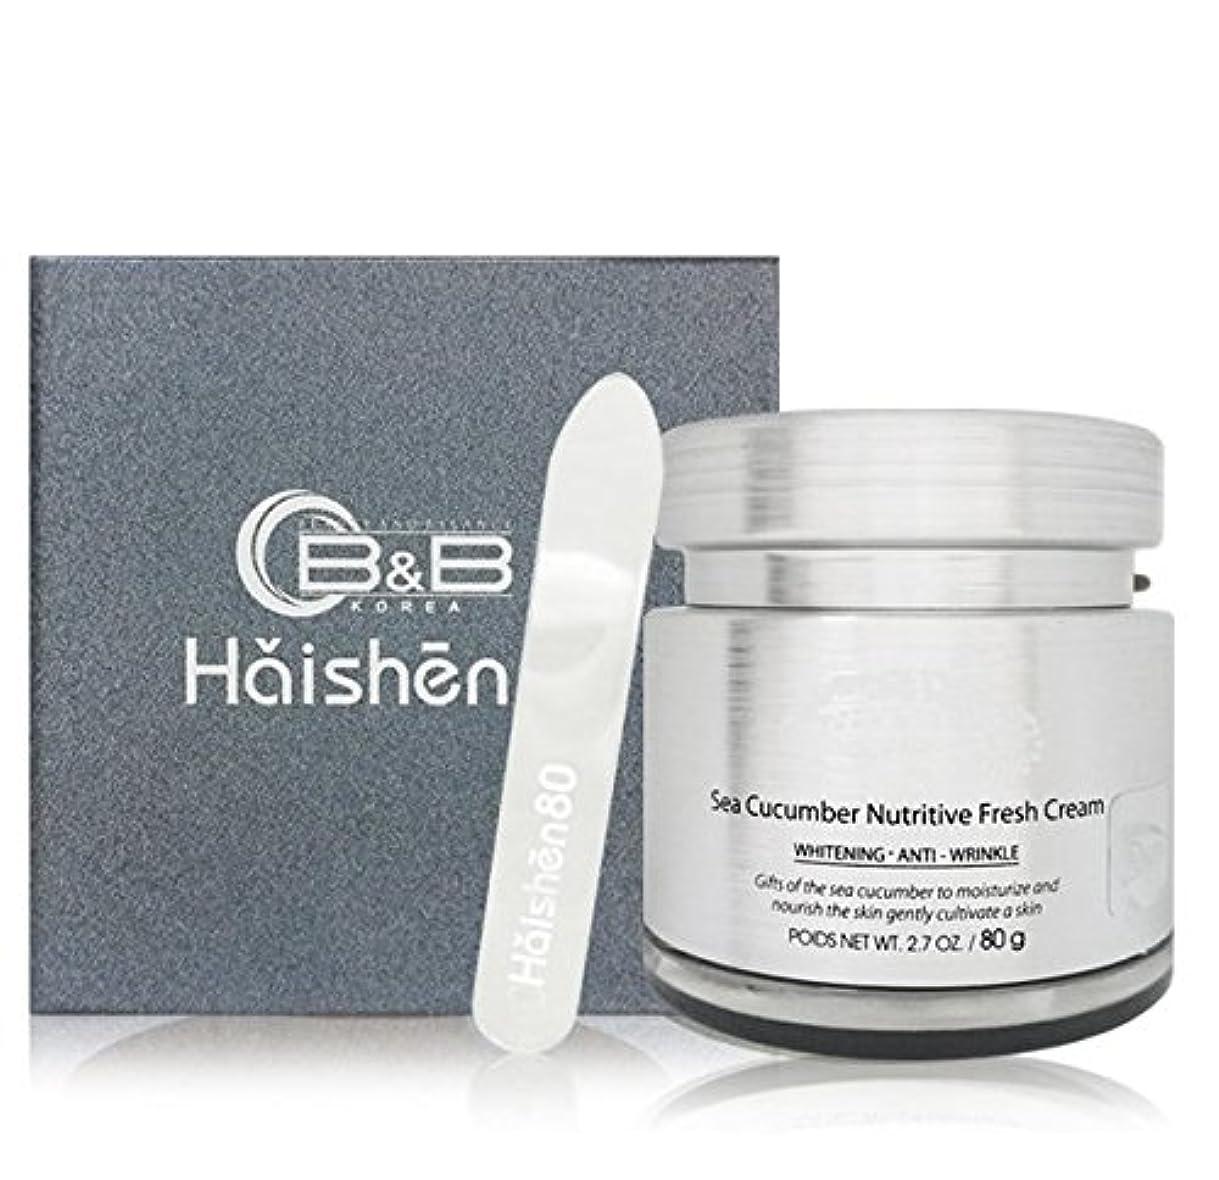 アリーナ不定虎[訳有り?OUTLET]Haishen80 Sea cucumber Nutritious Fresh Cream 80g ハイサン 80 シーキューカンバーニュトゥリチブフレッシュクリーム 80g